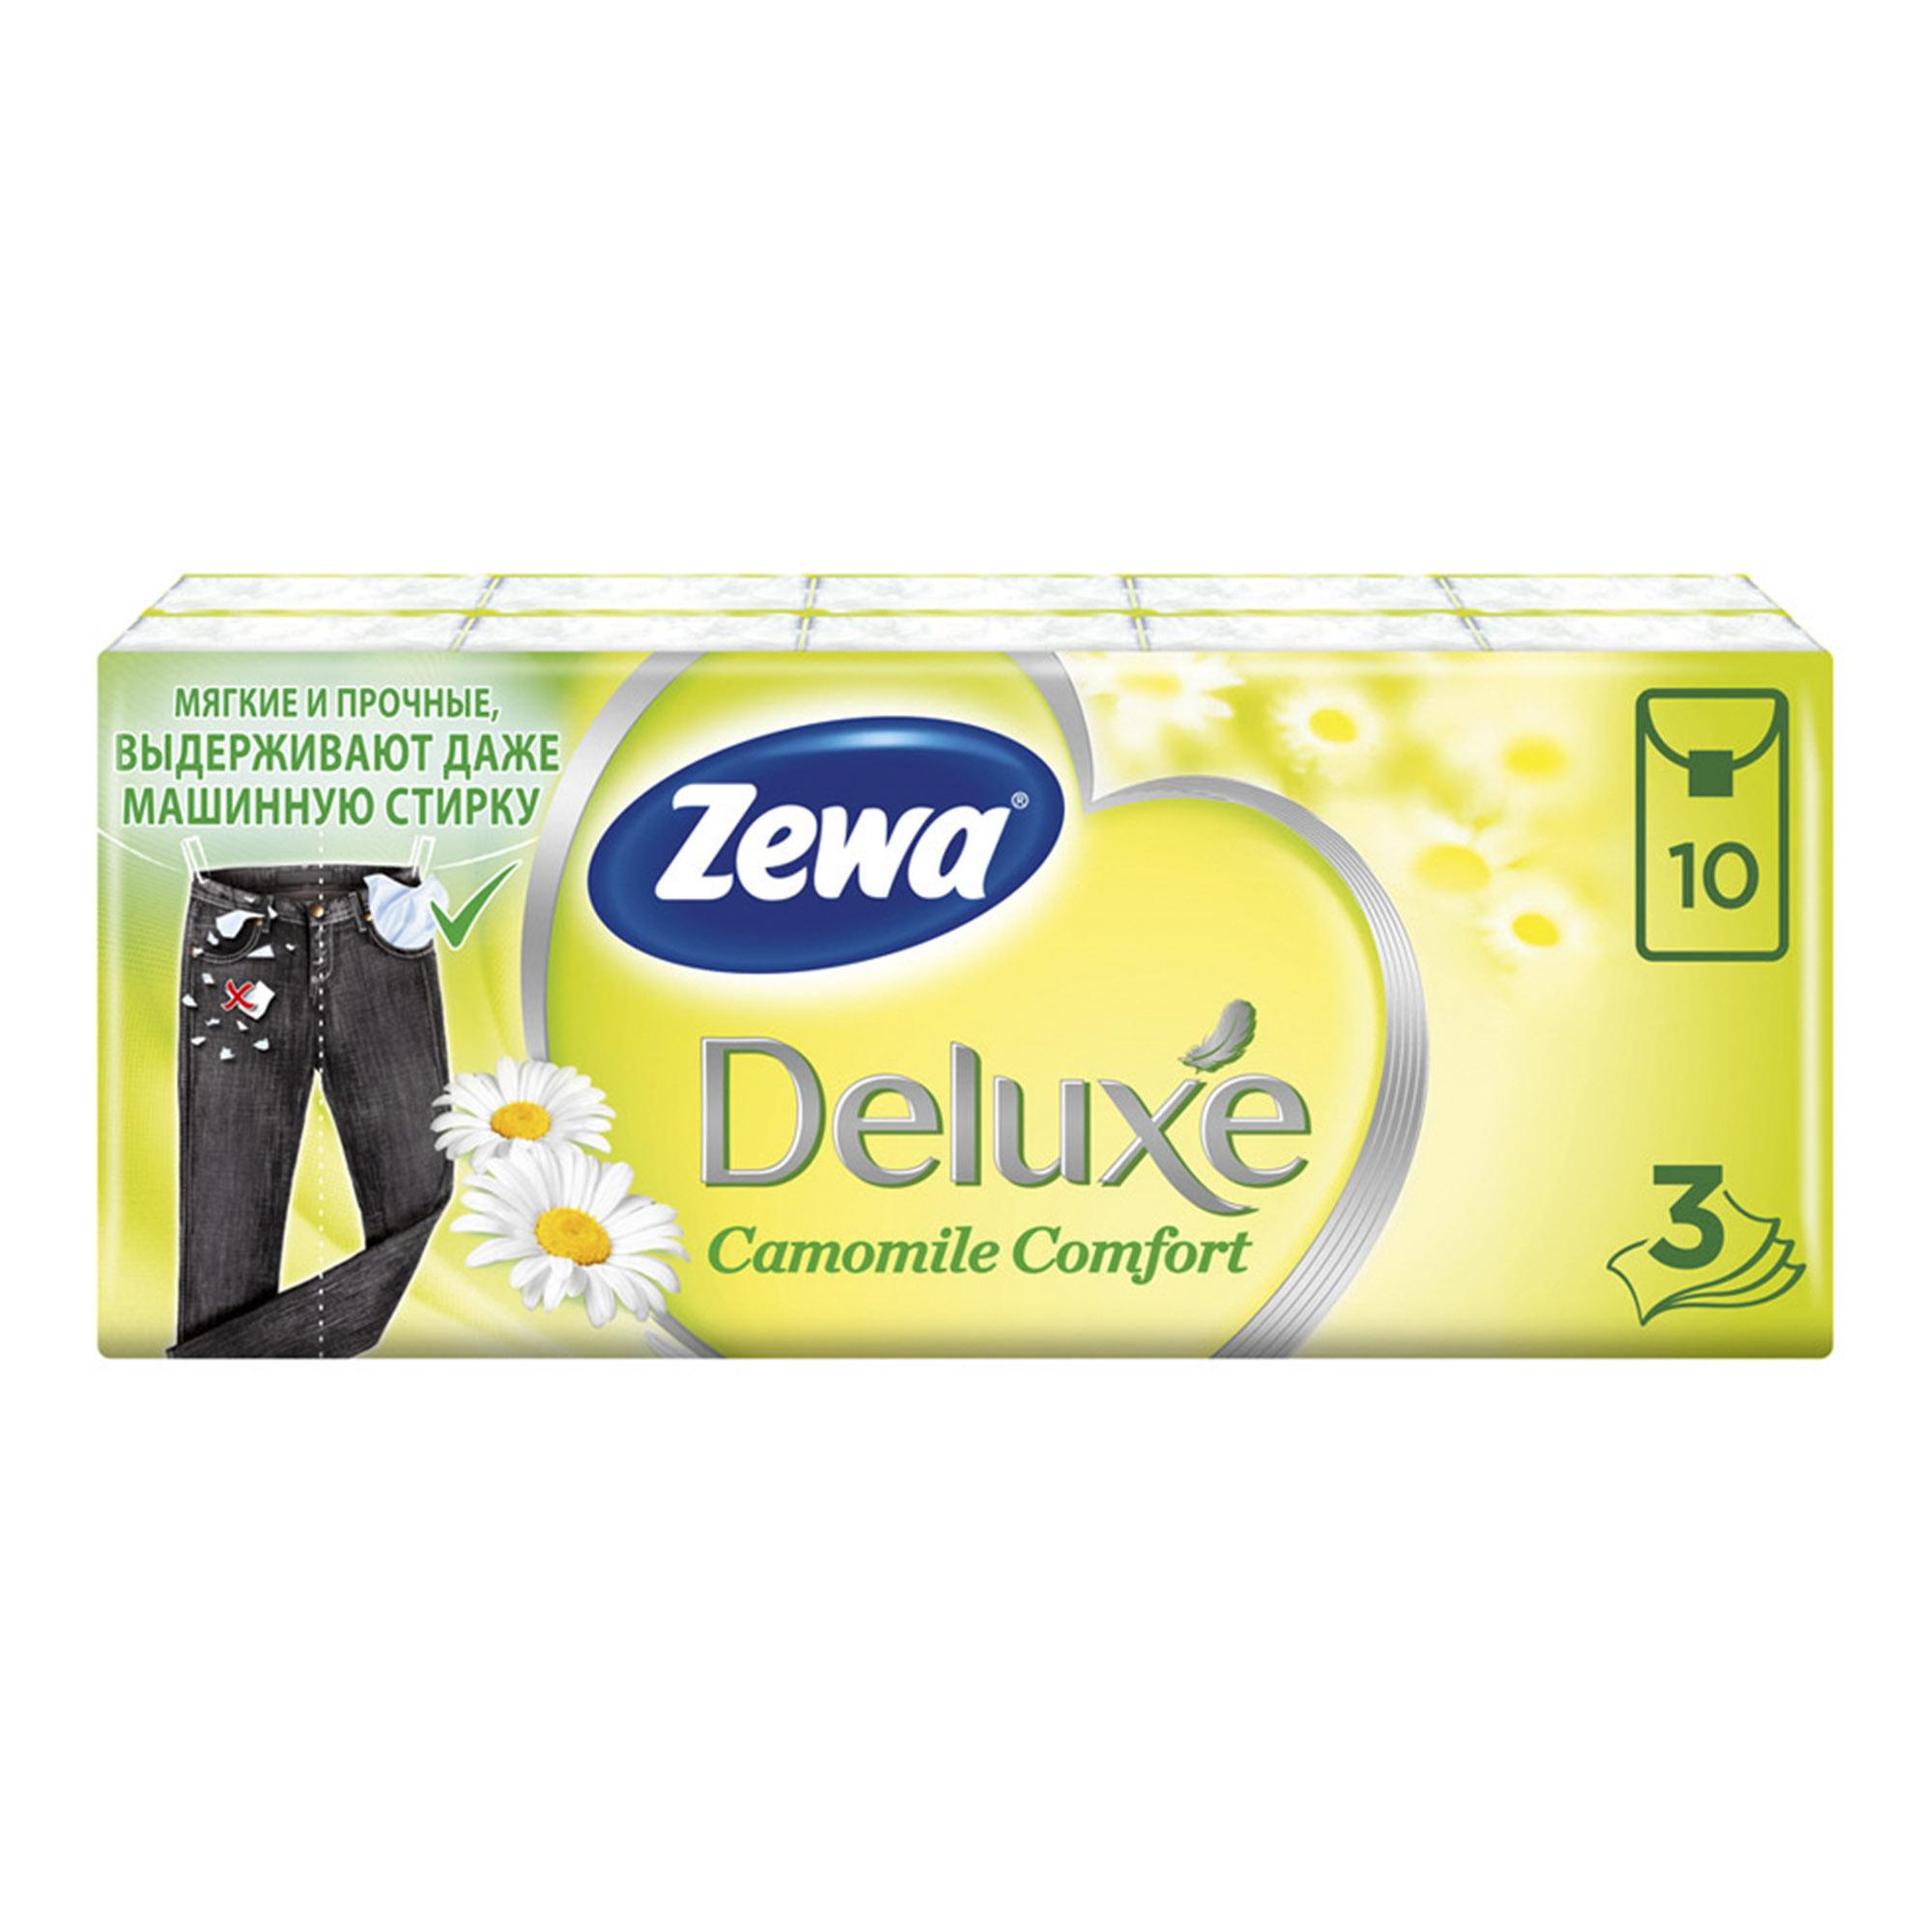 Бумажные платочки 3-слойные Zewa Deluxe Ромашка 10 штук